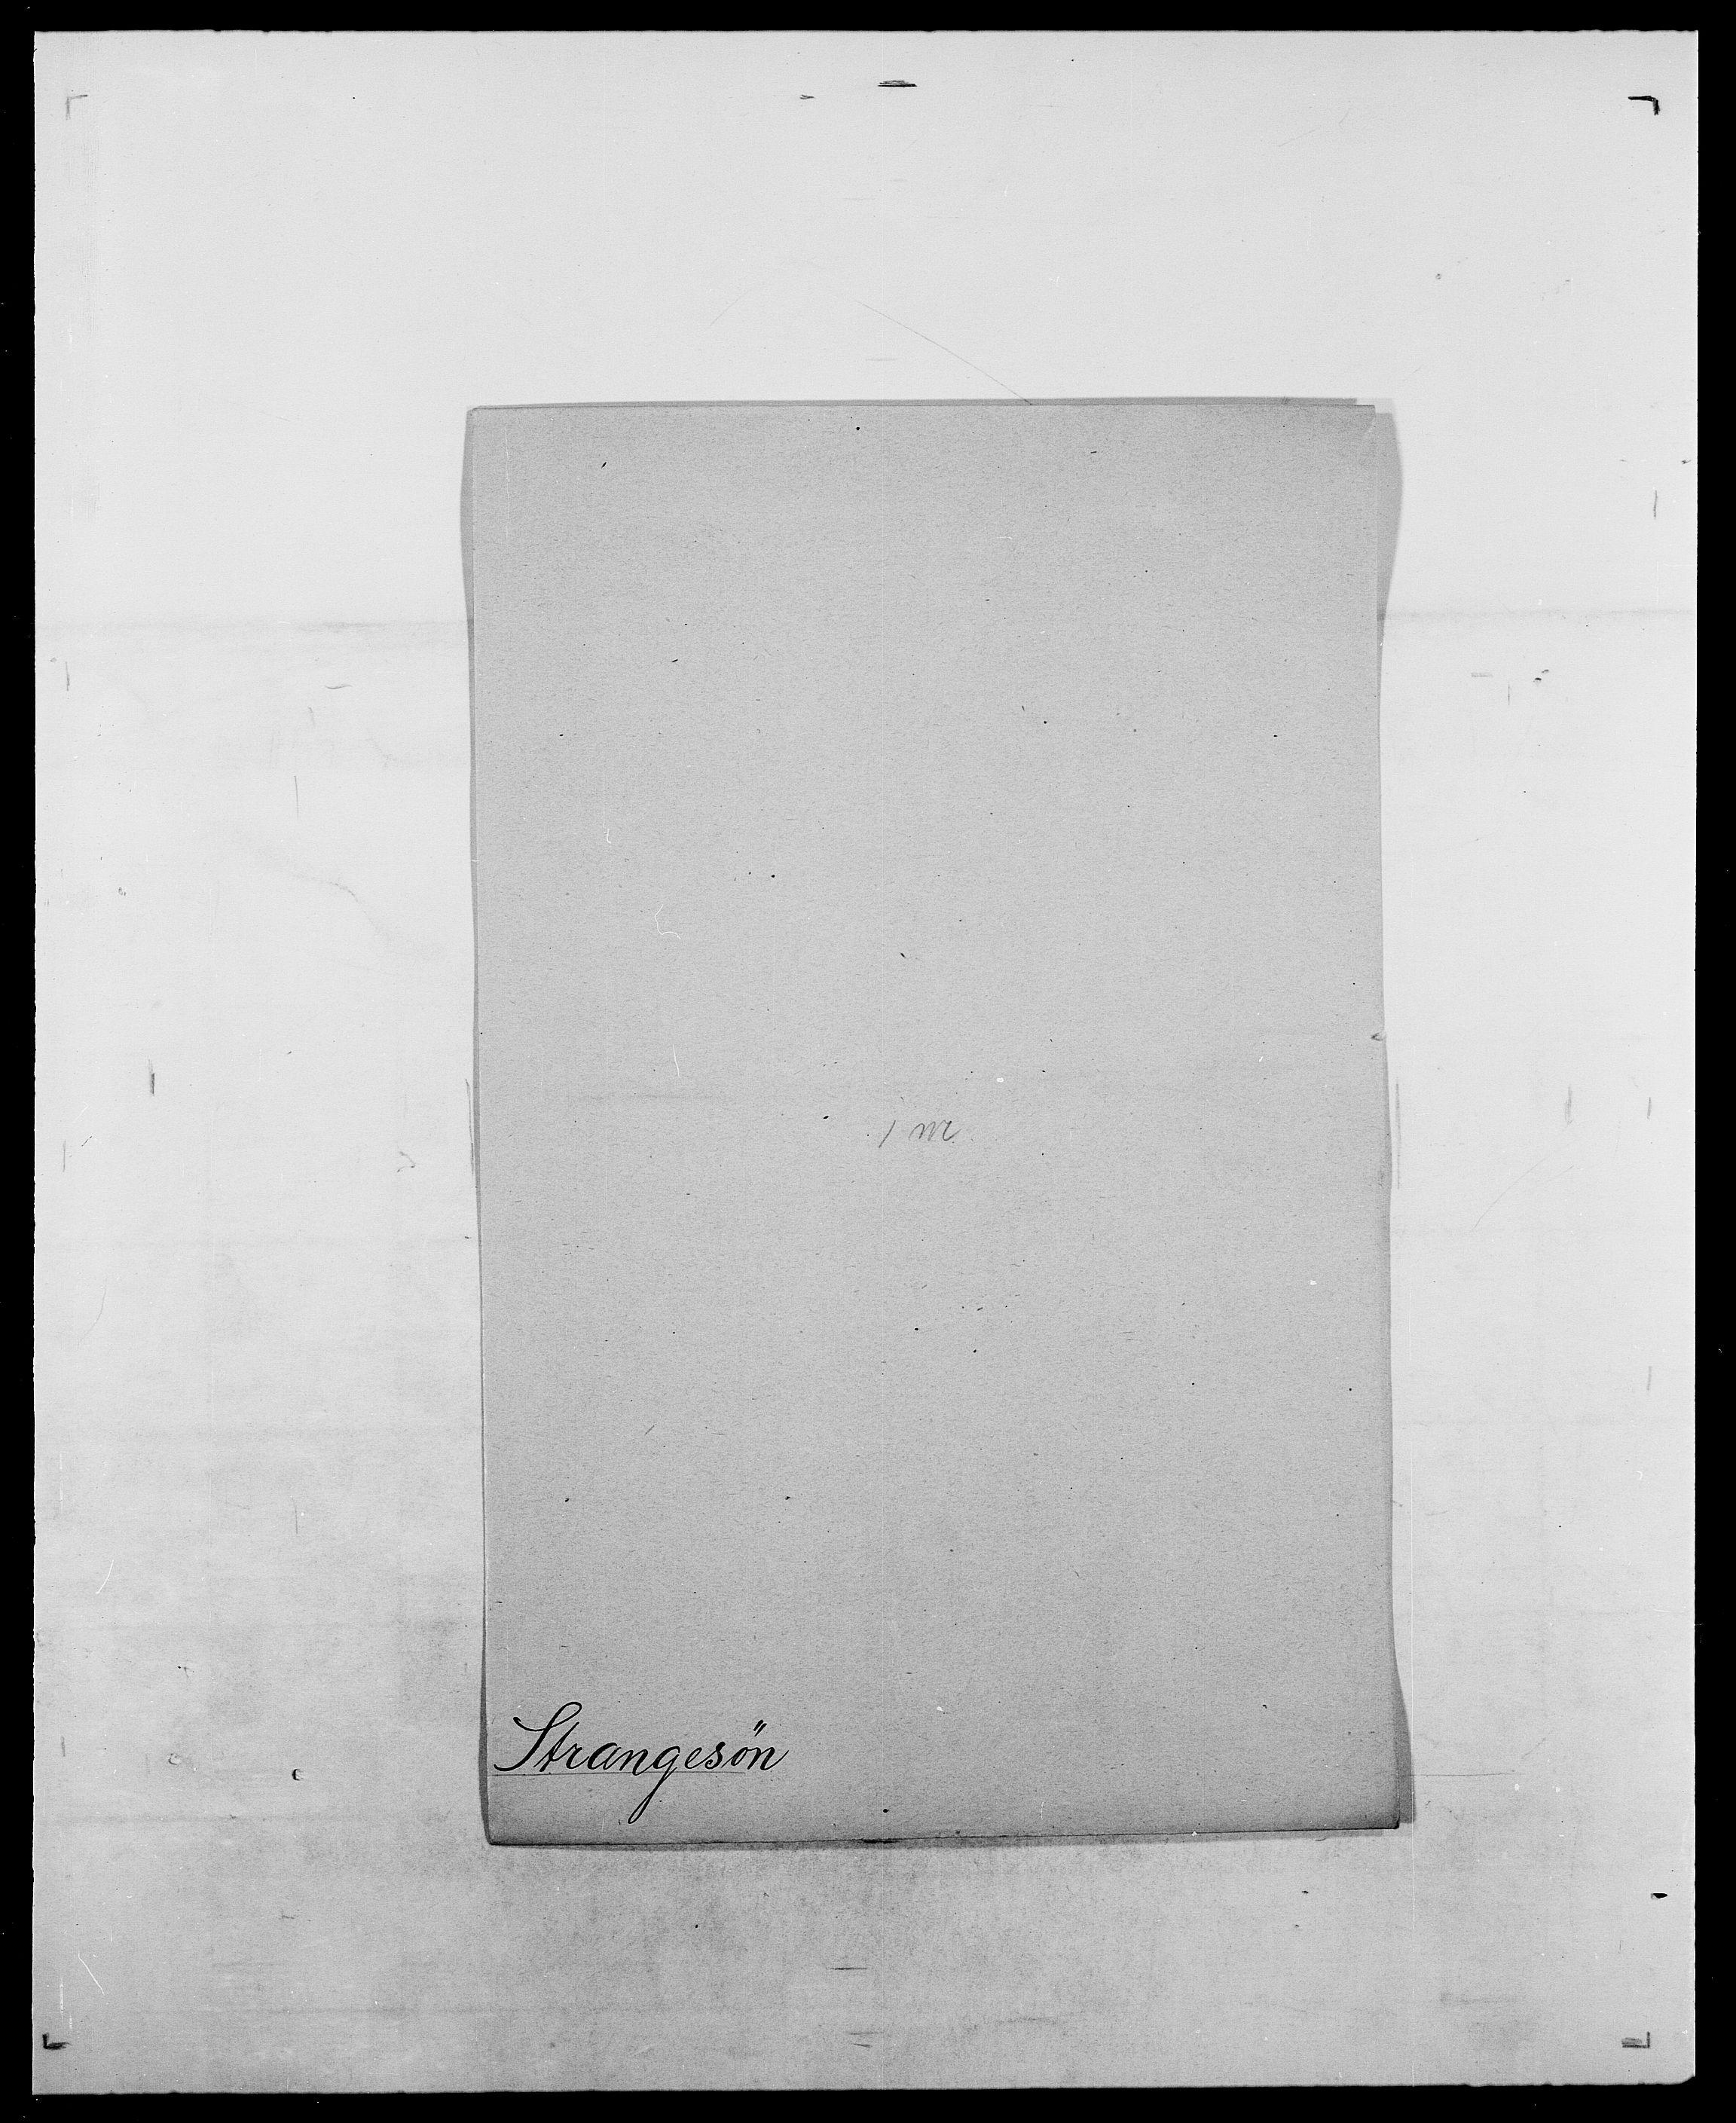 SAO, Delgobe, Charles Antoine - samling, D/Da/L0037: Steen, Sthen, Stein - Svare, Svanige, Svanne, se også Svanning og Schwane, s. 578